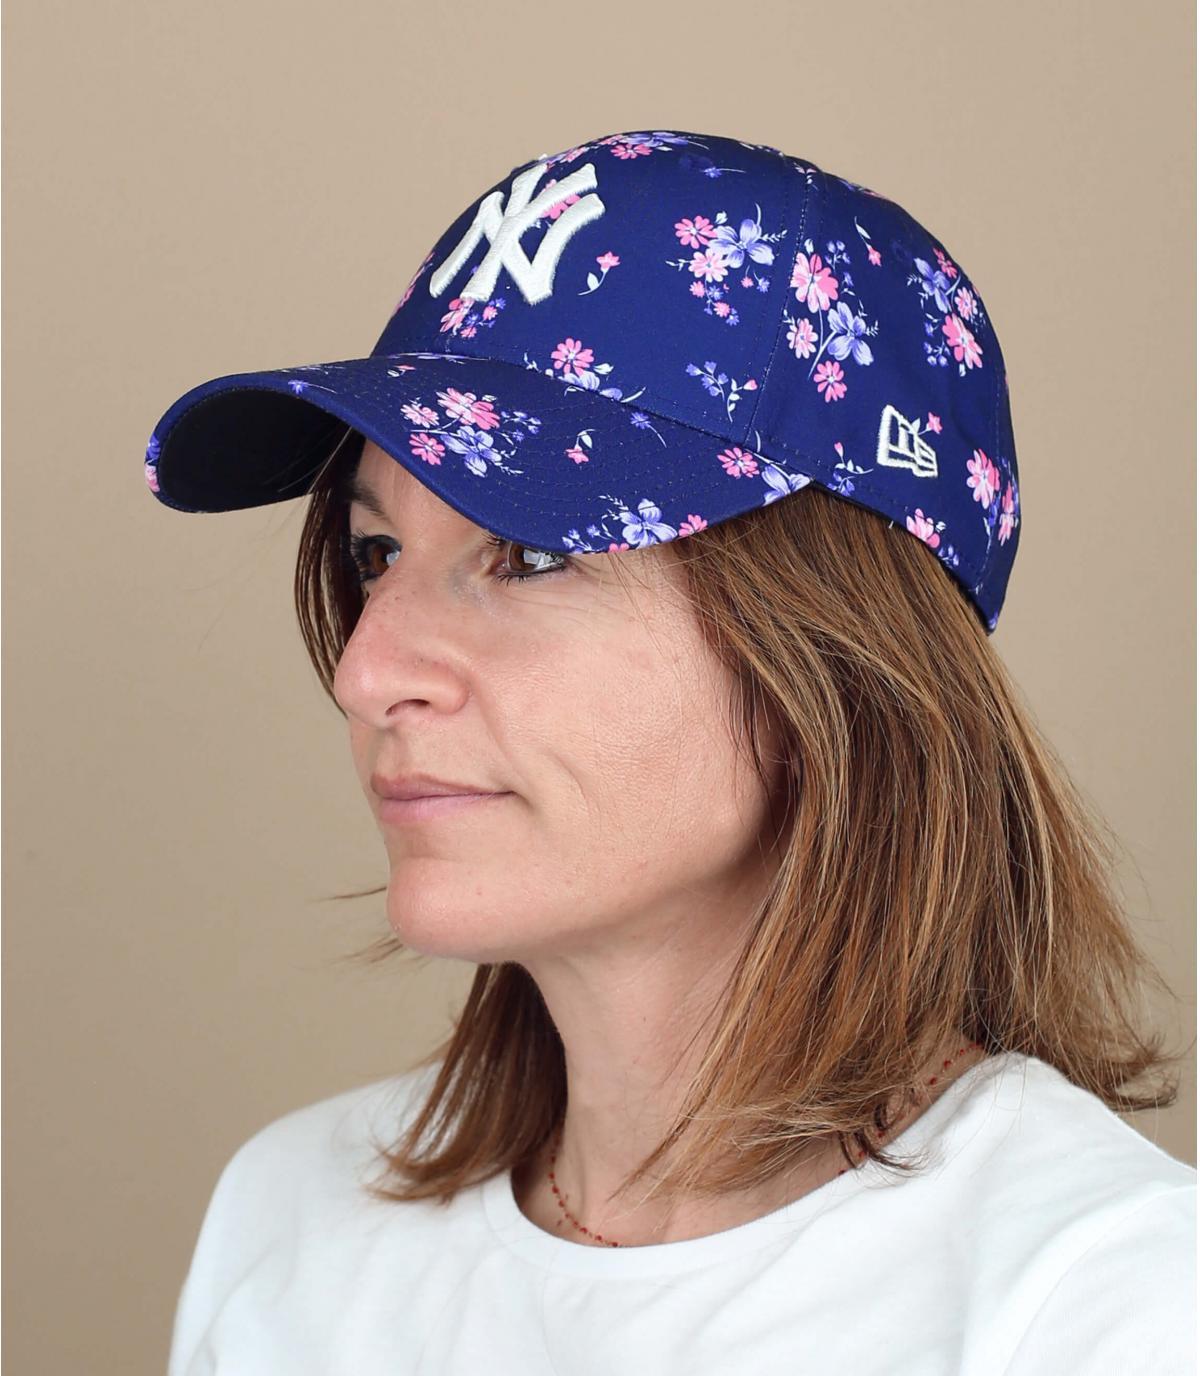 NY damescap bloemen